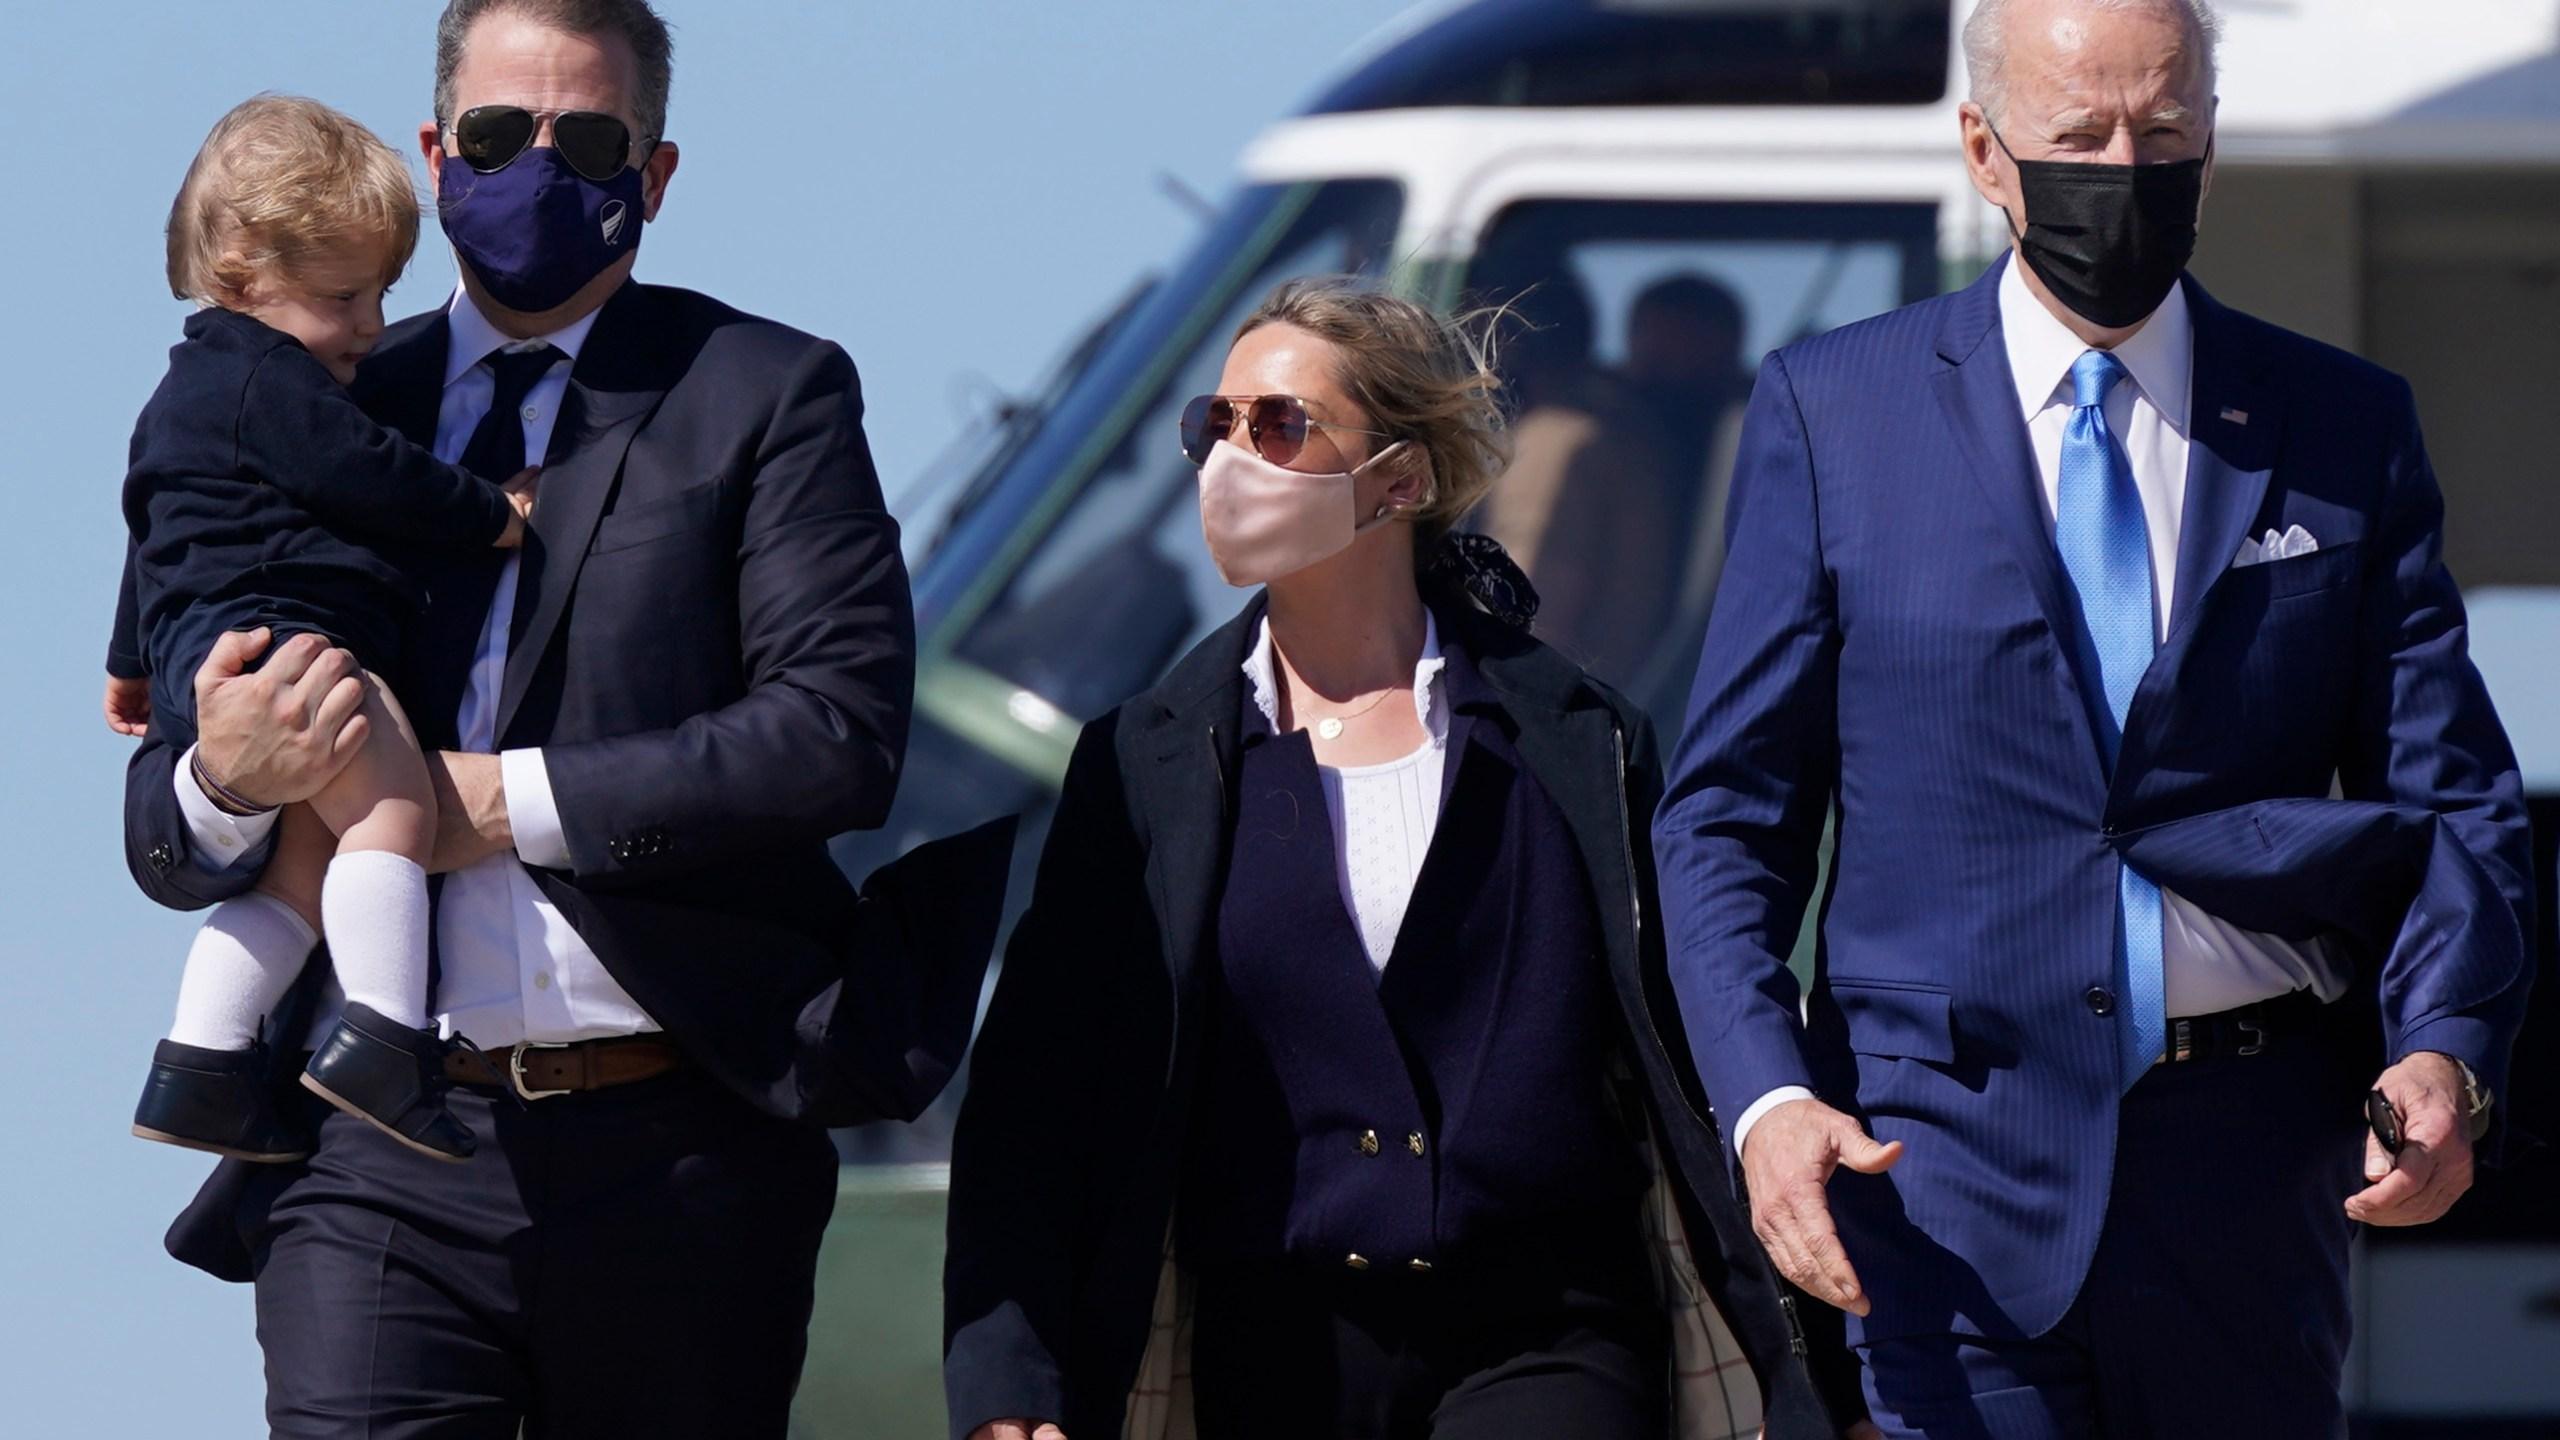 Joe Biden, Hunter Biden, Melissa Cohen